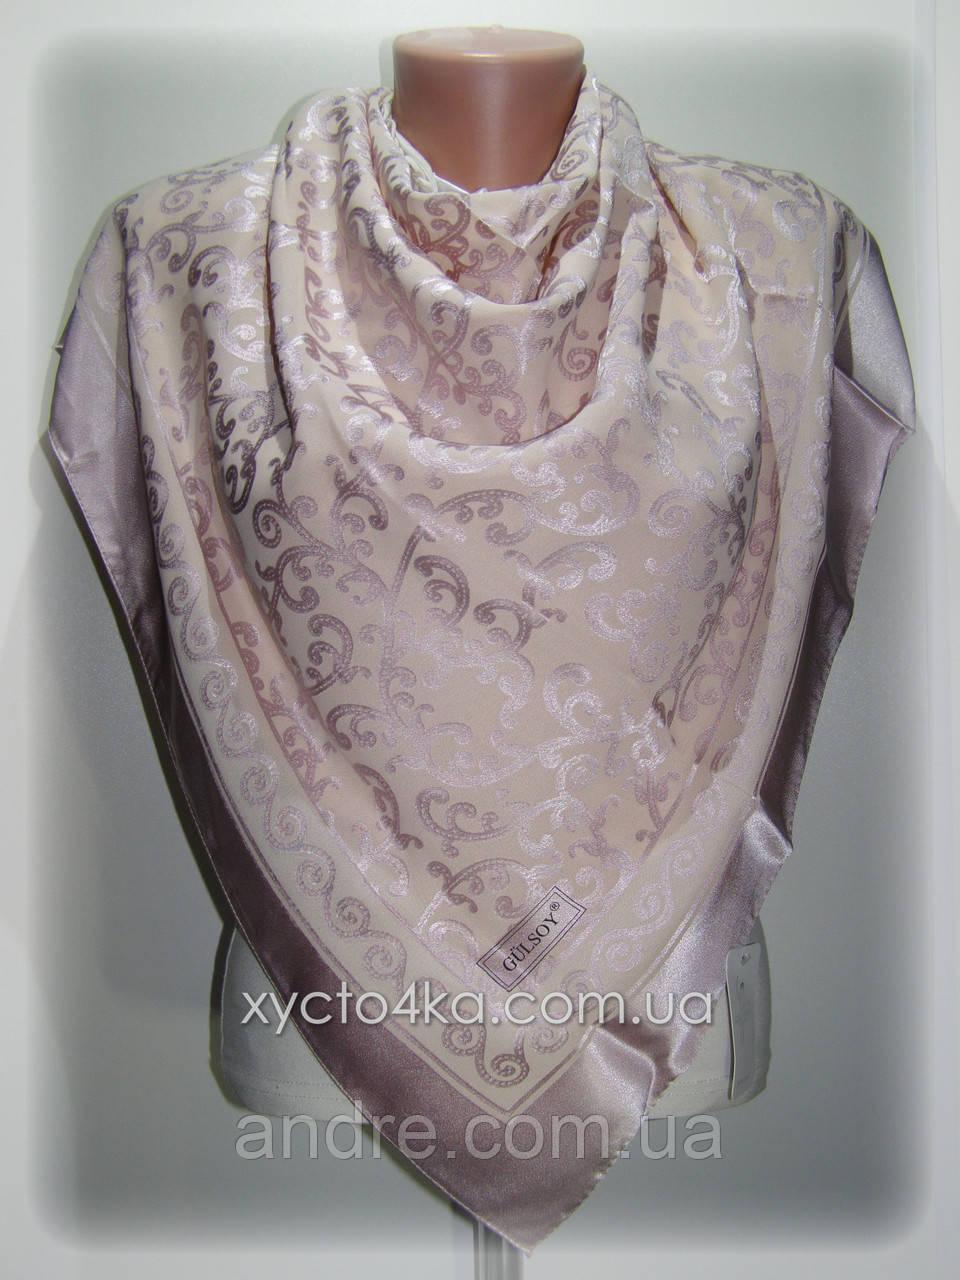 Шелковый платок Афродита, сиреневый